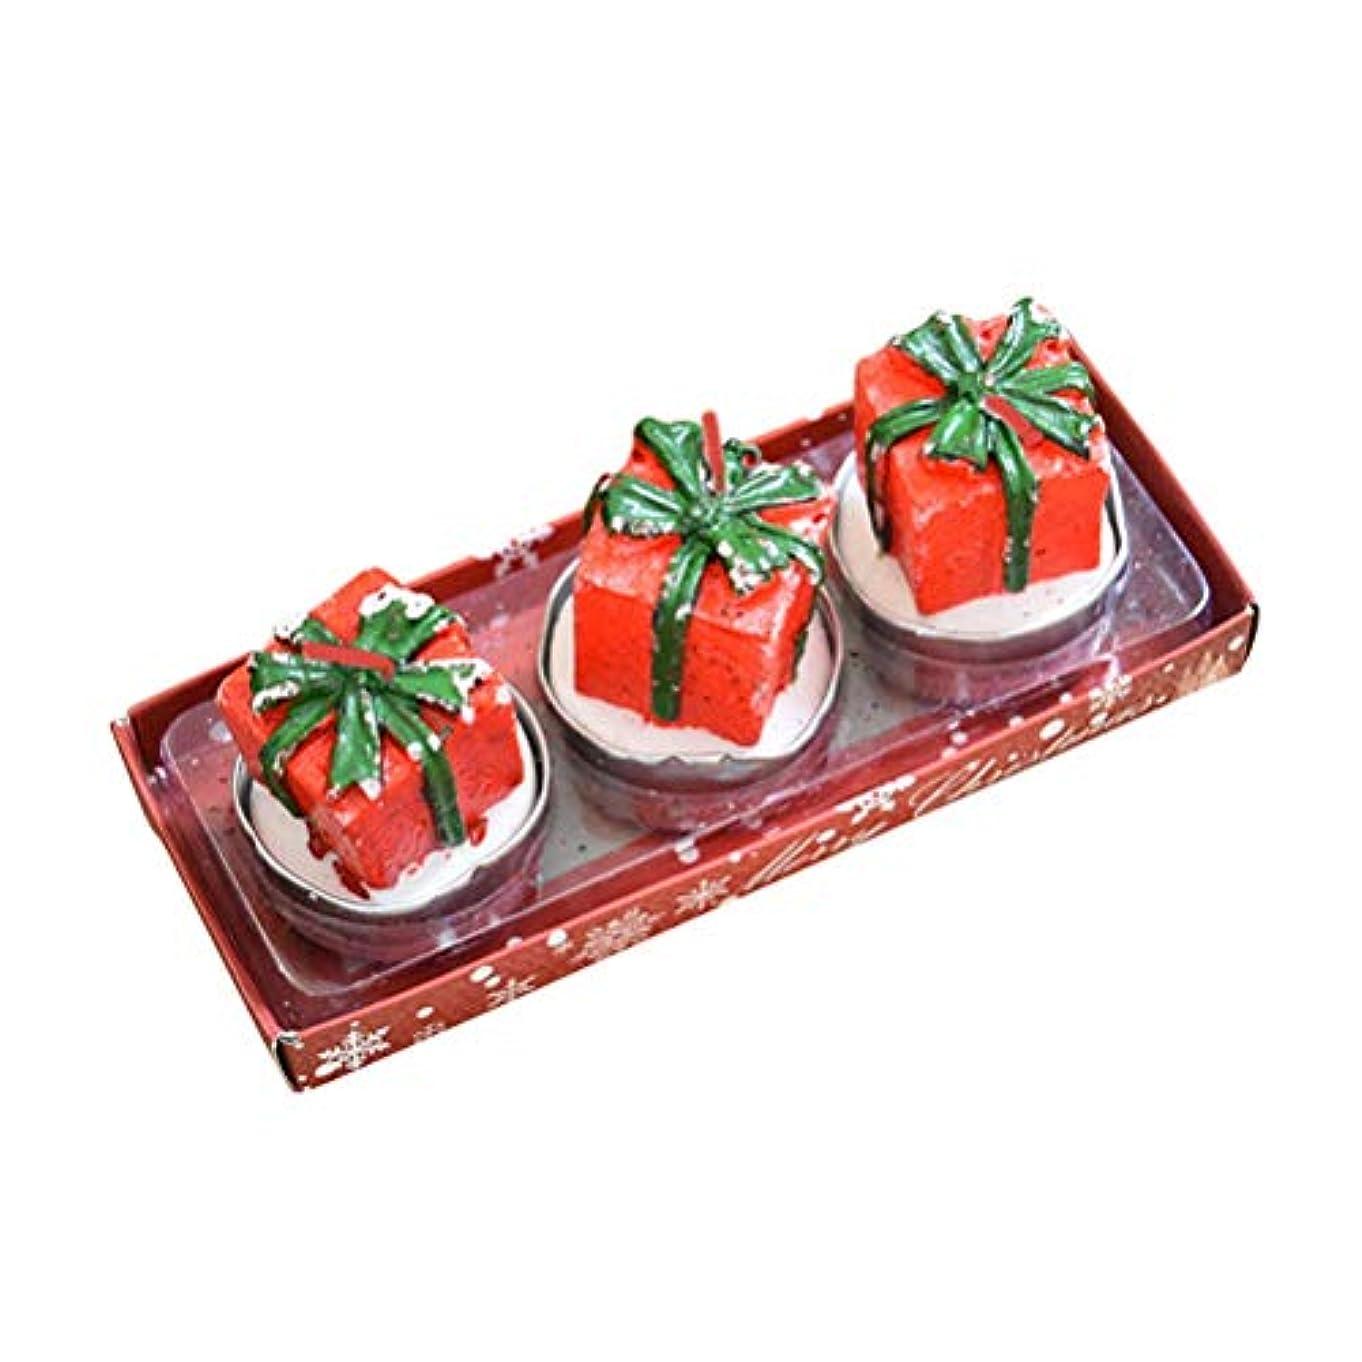 ダーツ接辞コーラスBESTOYARD 3本のクリスマスキャンドルミニキュートな装飾的なギフトボックス形状のキャンドルスパのホームクリスマスパーティーウィンドウの表示テーブルの装飾の贈り物